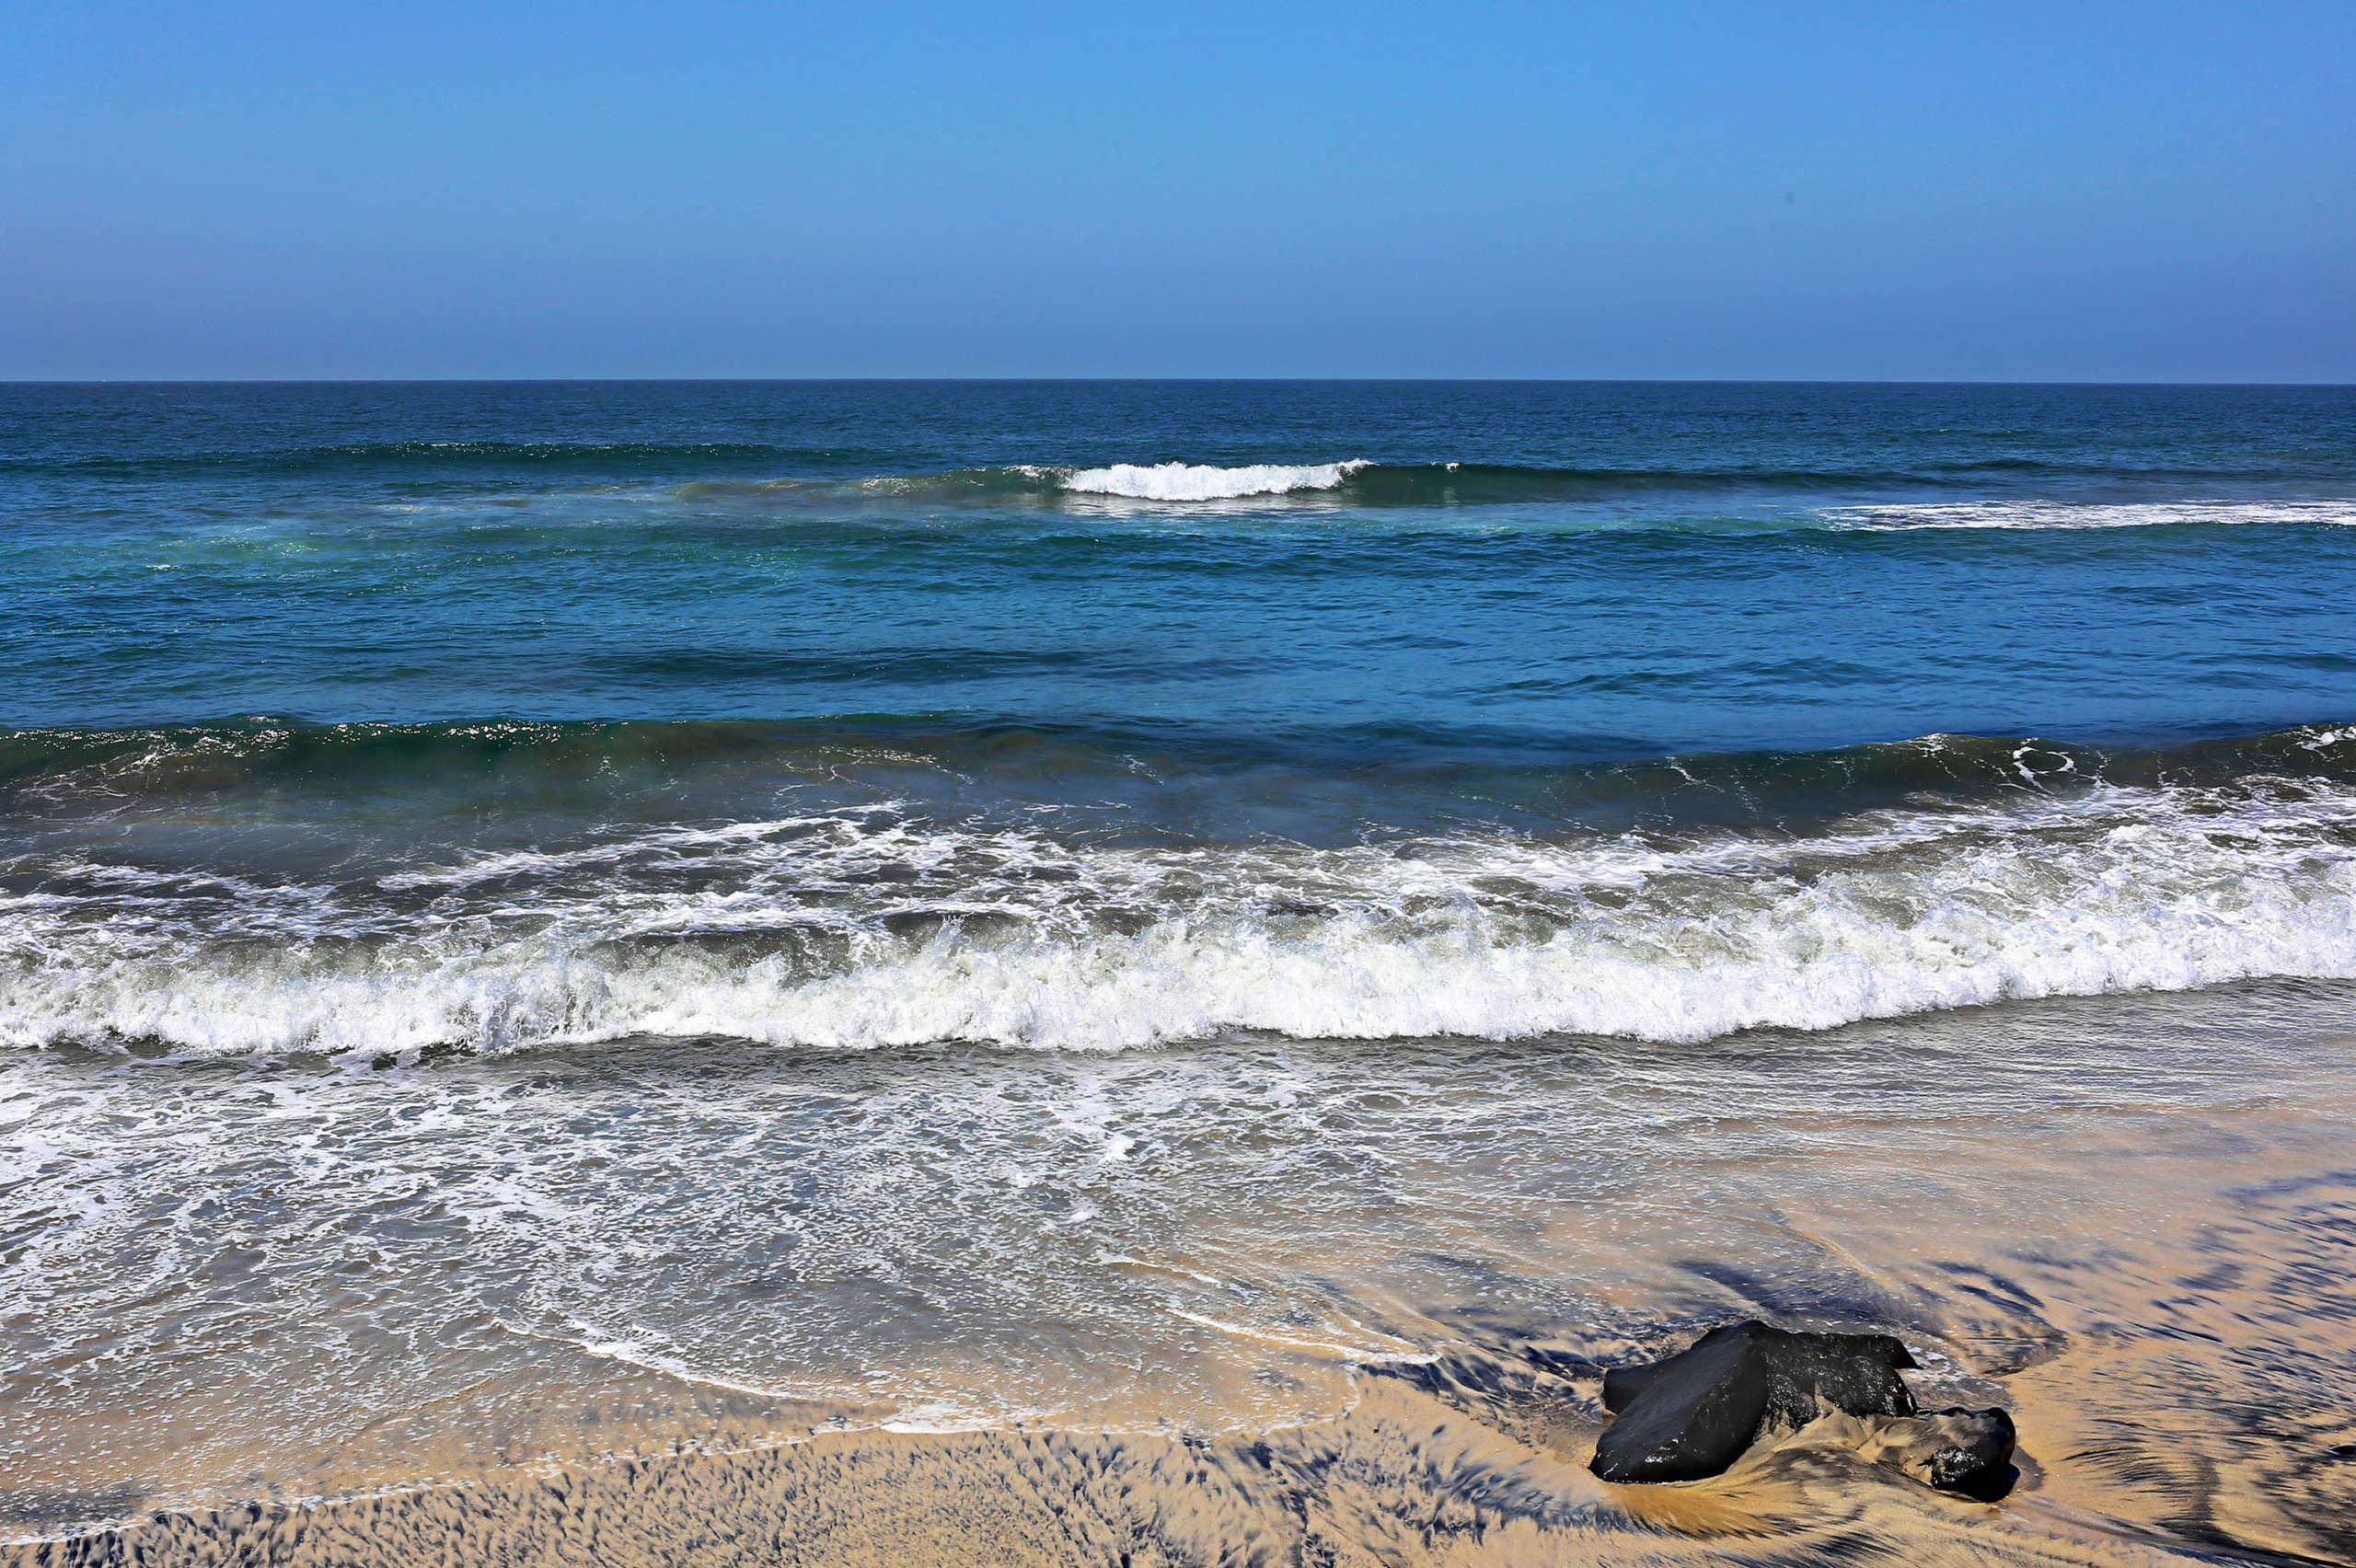 Leapord Shore by Rich J. Velasco